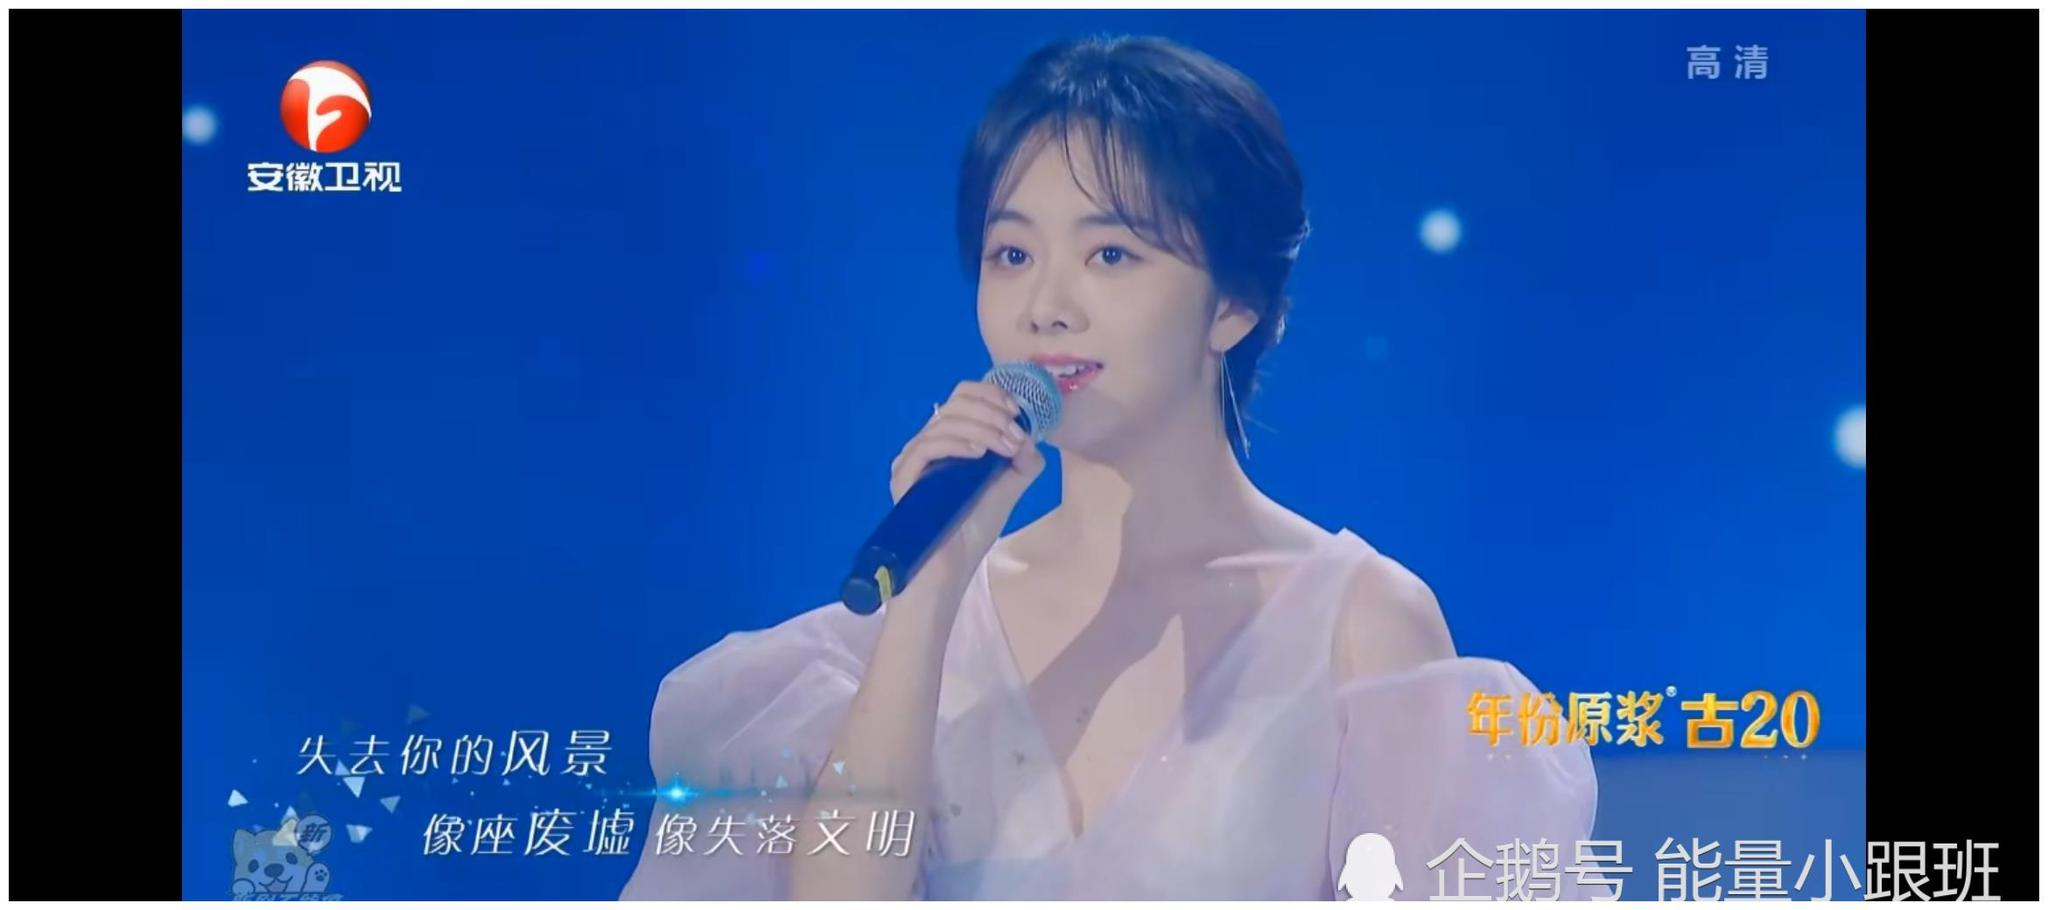 谭松韵白敬亭合唱《想见你》,歌甜人甜牵手更甜,太好听了吧